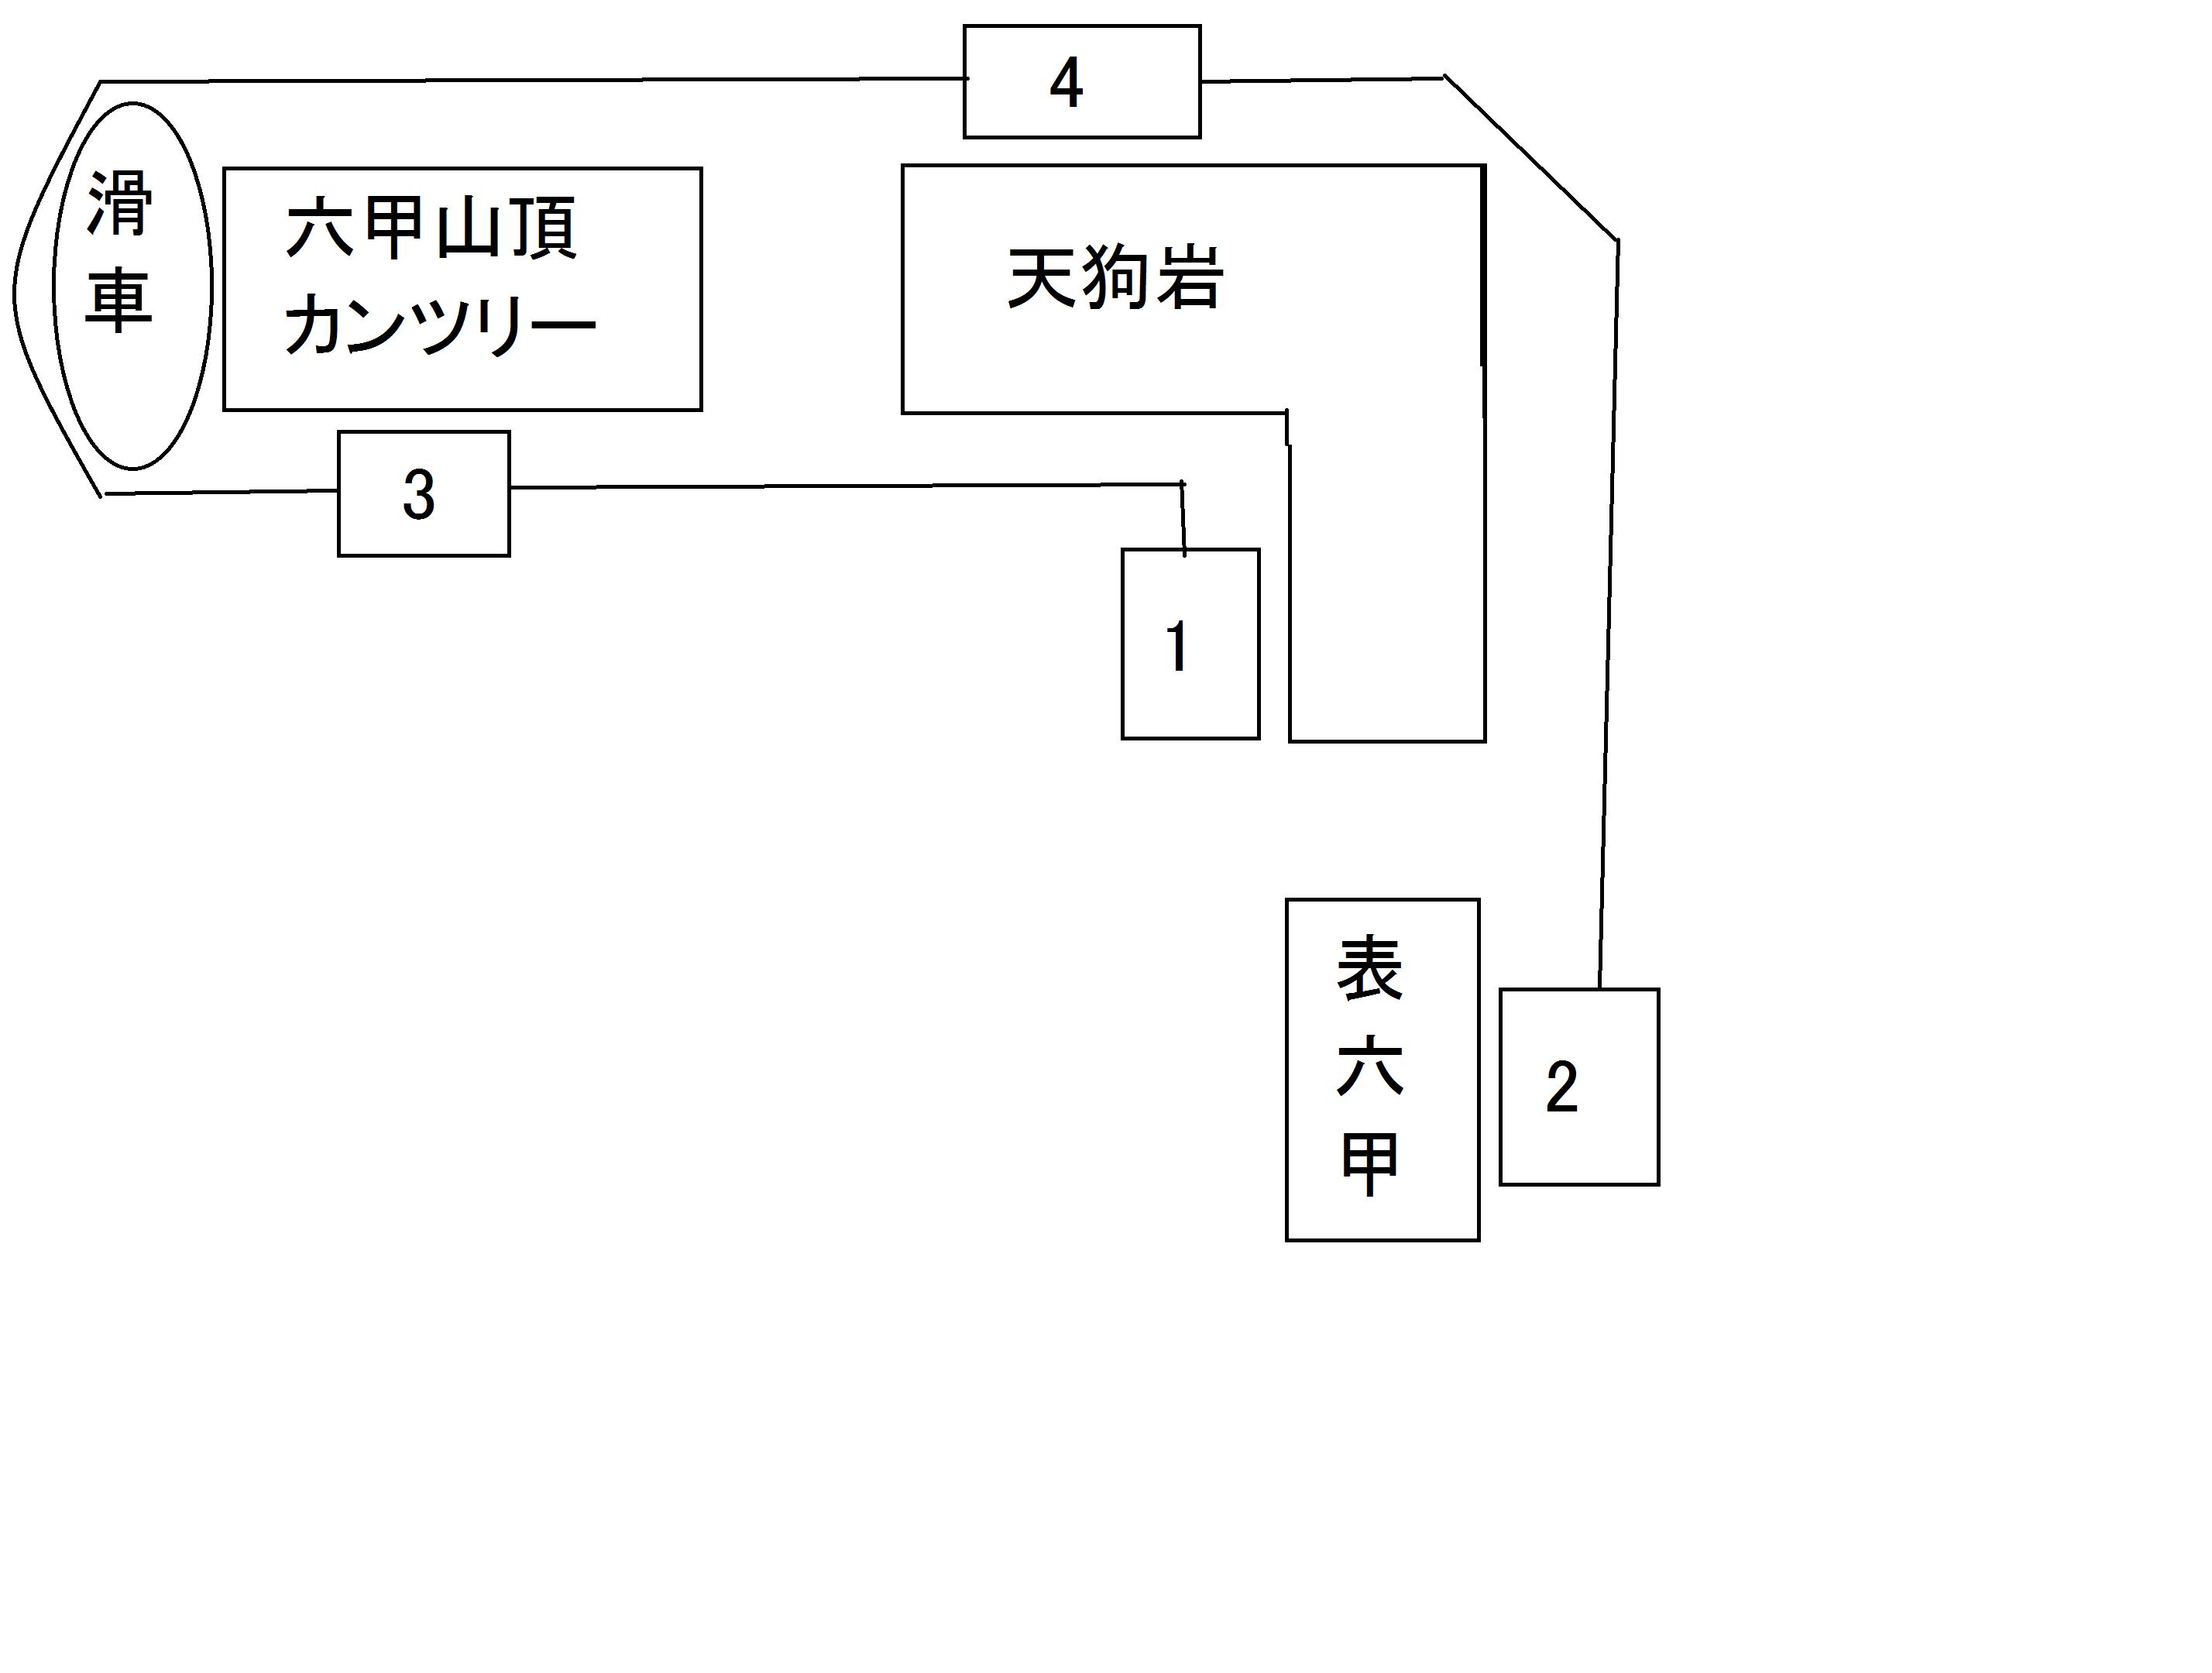 六甲有馬ロープウェー表六甲線を巡る その1(説明編)